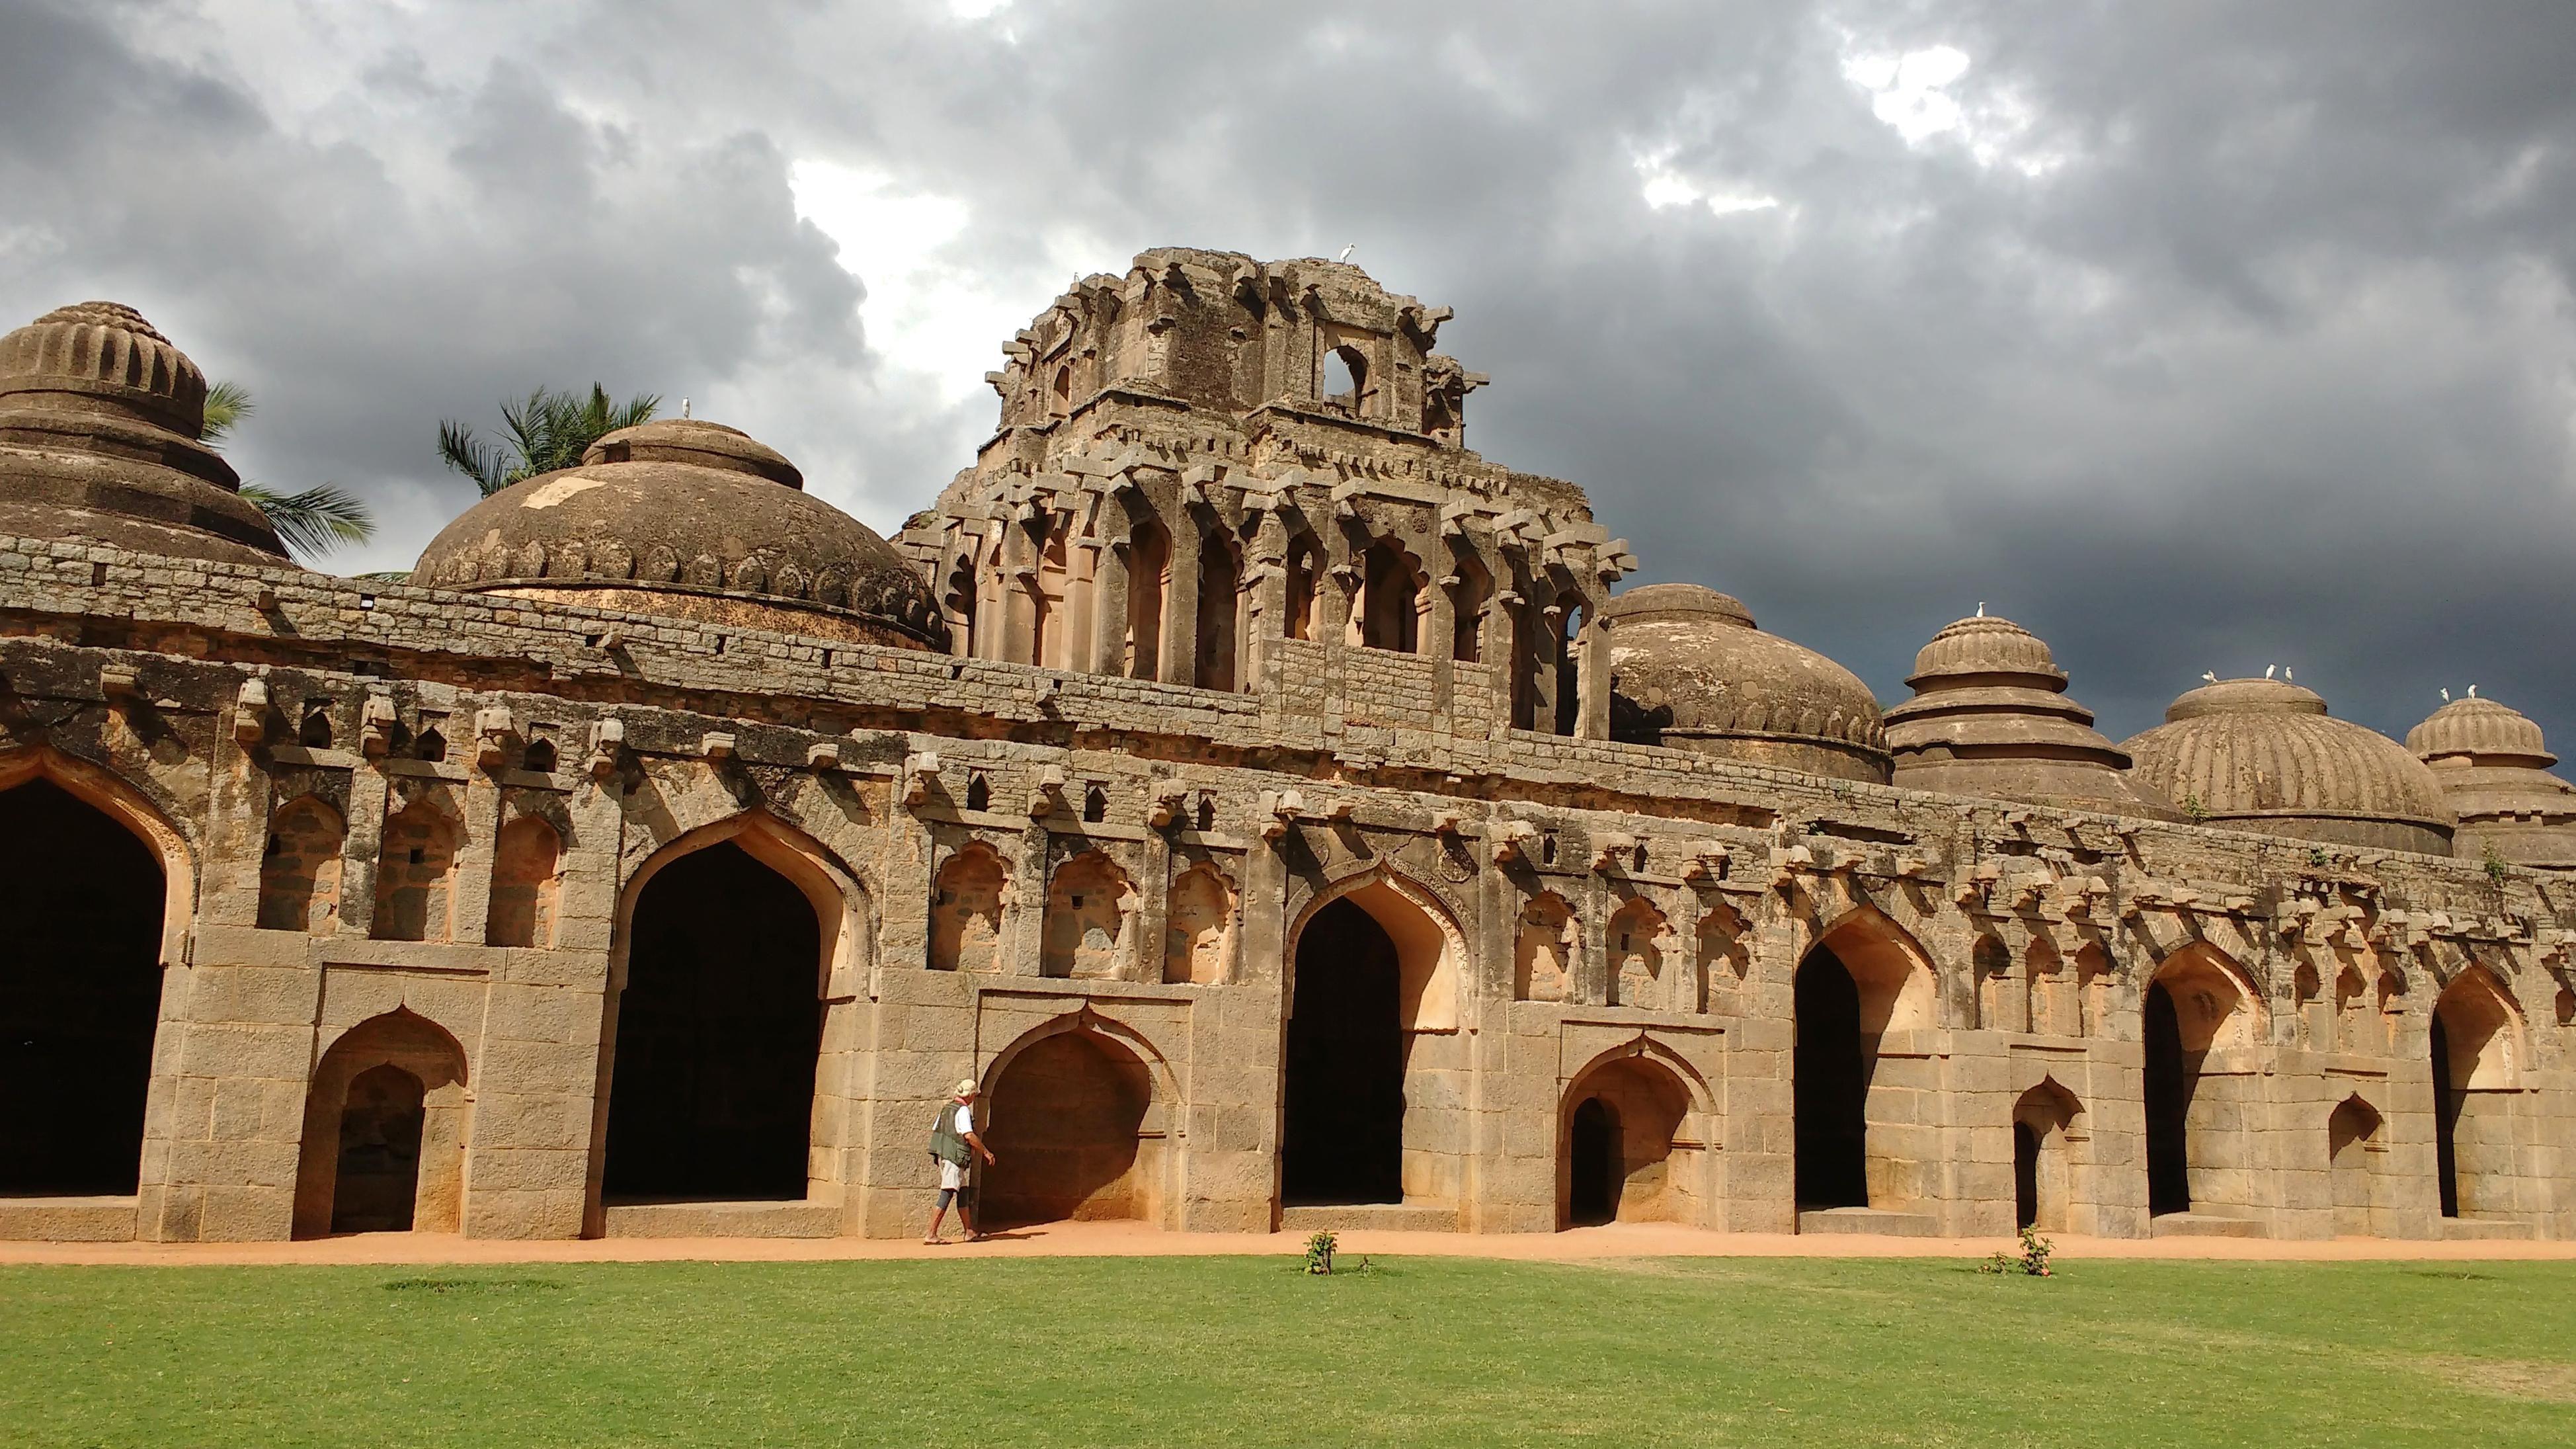 Kostenlose Bild: Architektur, alt, alt, Tempel, außen, Rasen ...